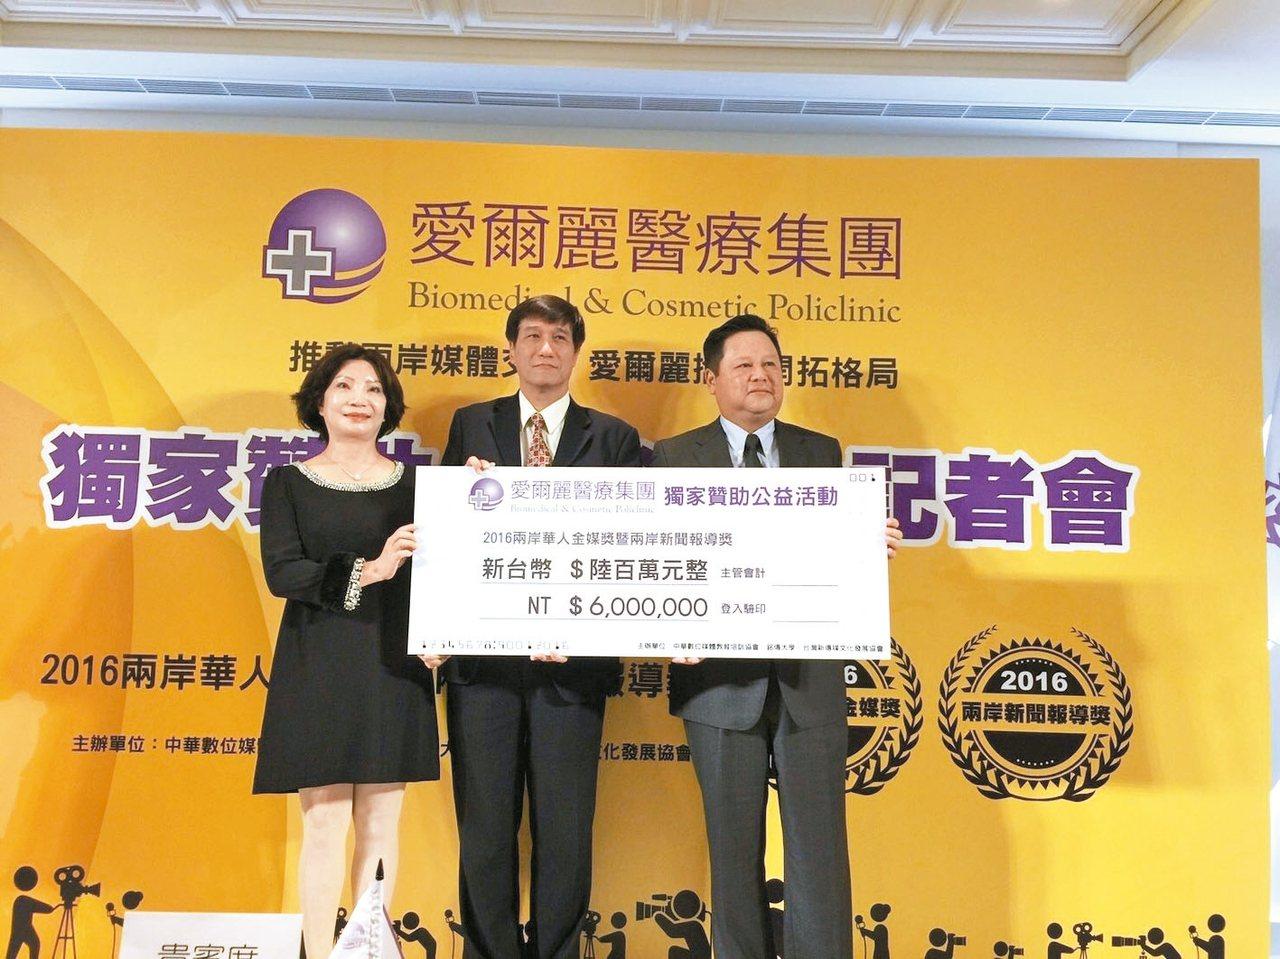 「兩岸新聞報導獎及兩岸華人金媒獎」獲愛爾麗國際醫療集團贊助600萬元獎金,愛爾麗...